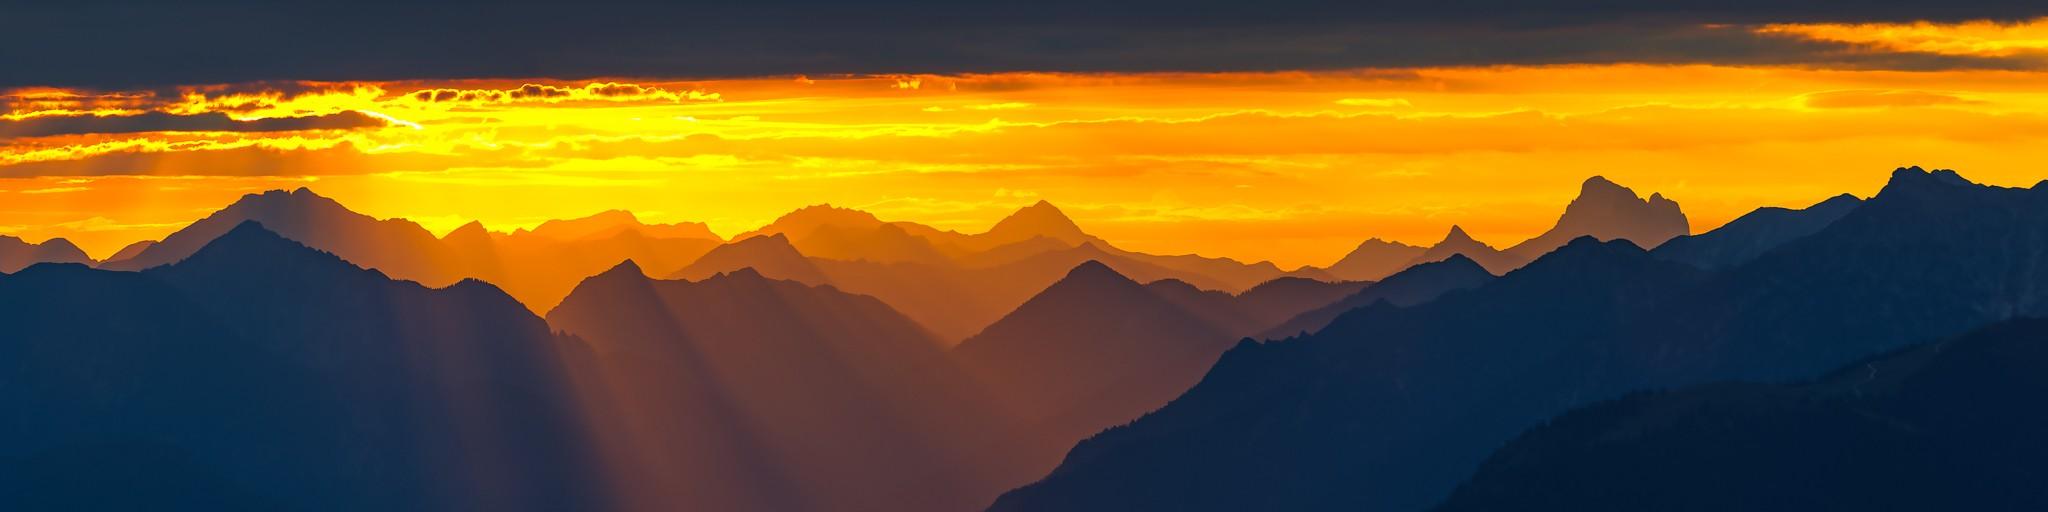 Goldener Sonnenuntergang - Bergpanorama